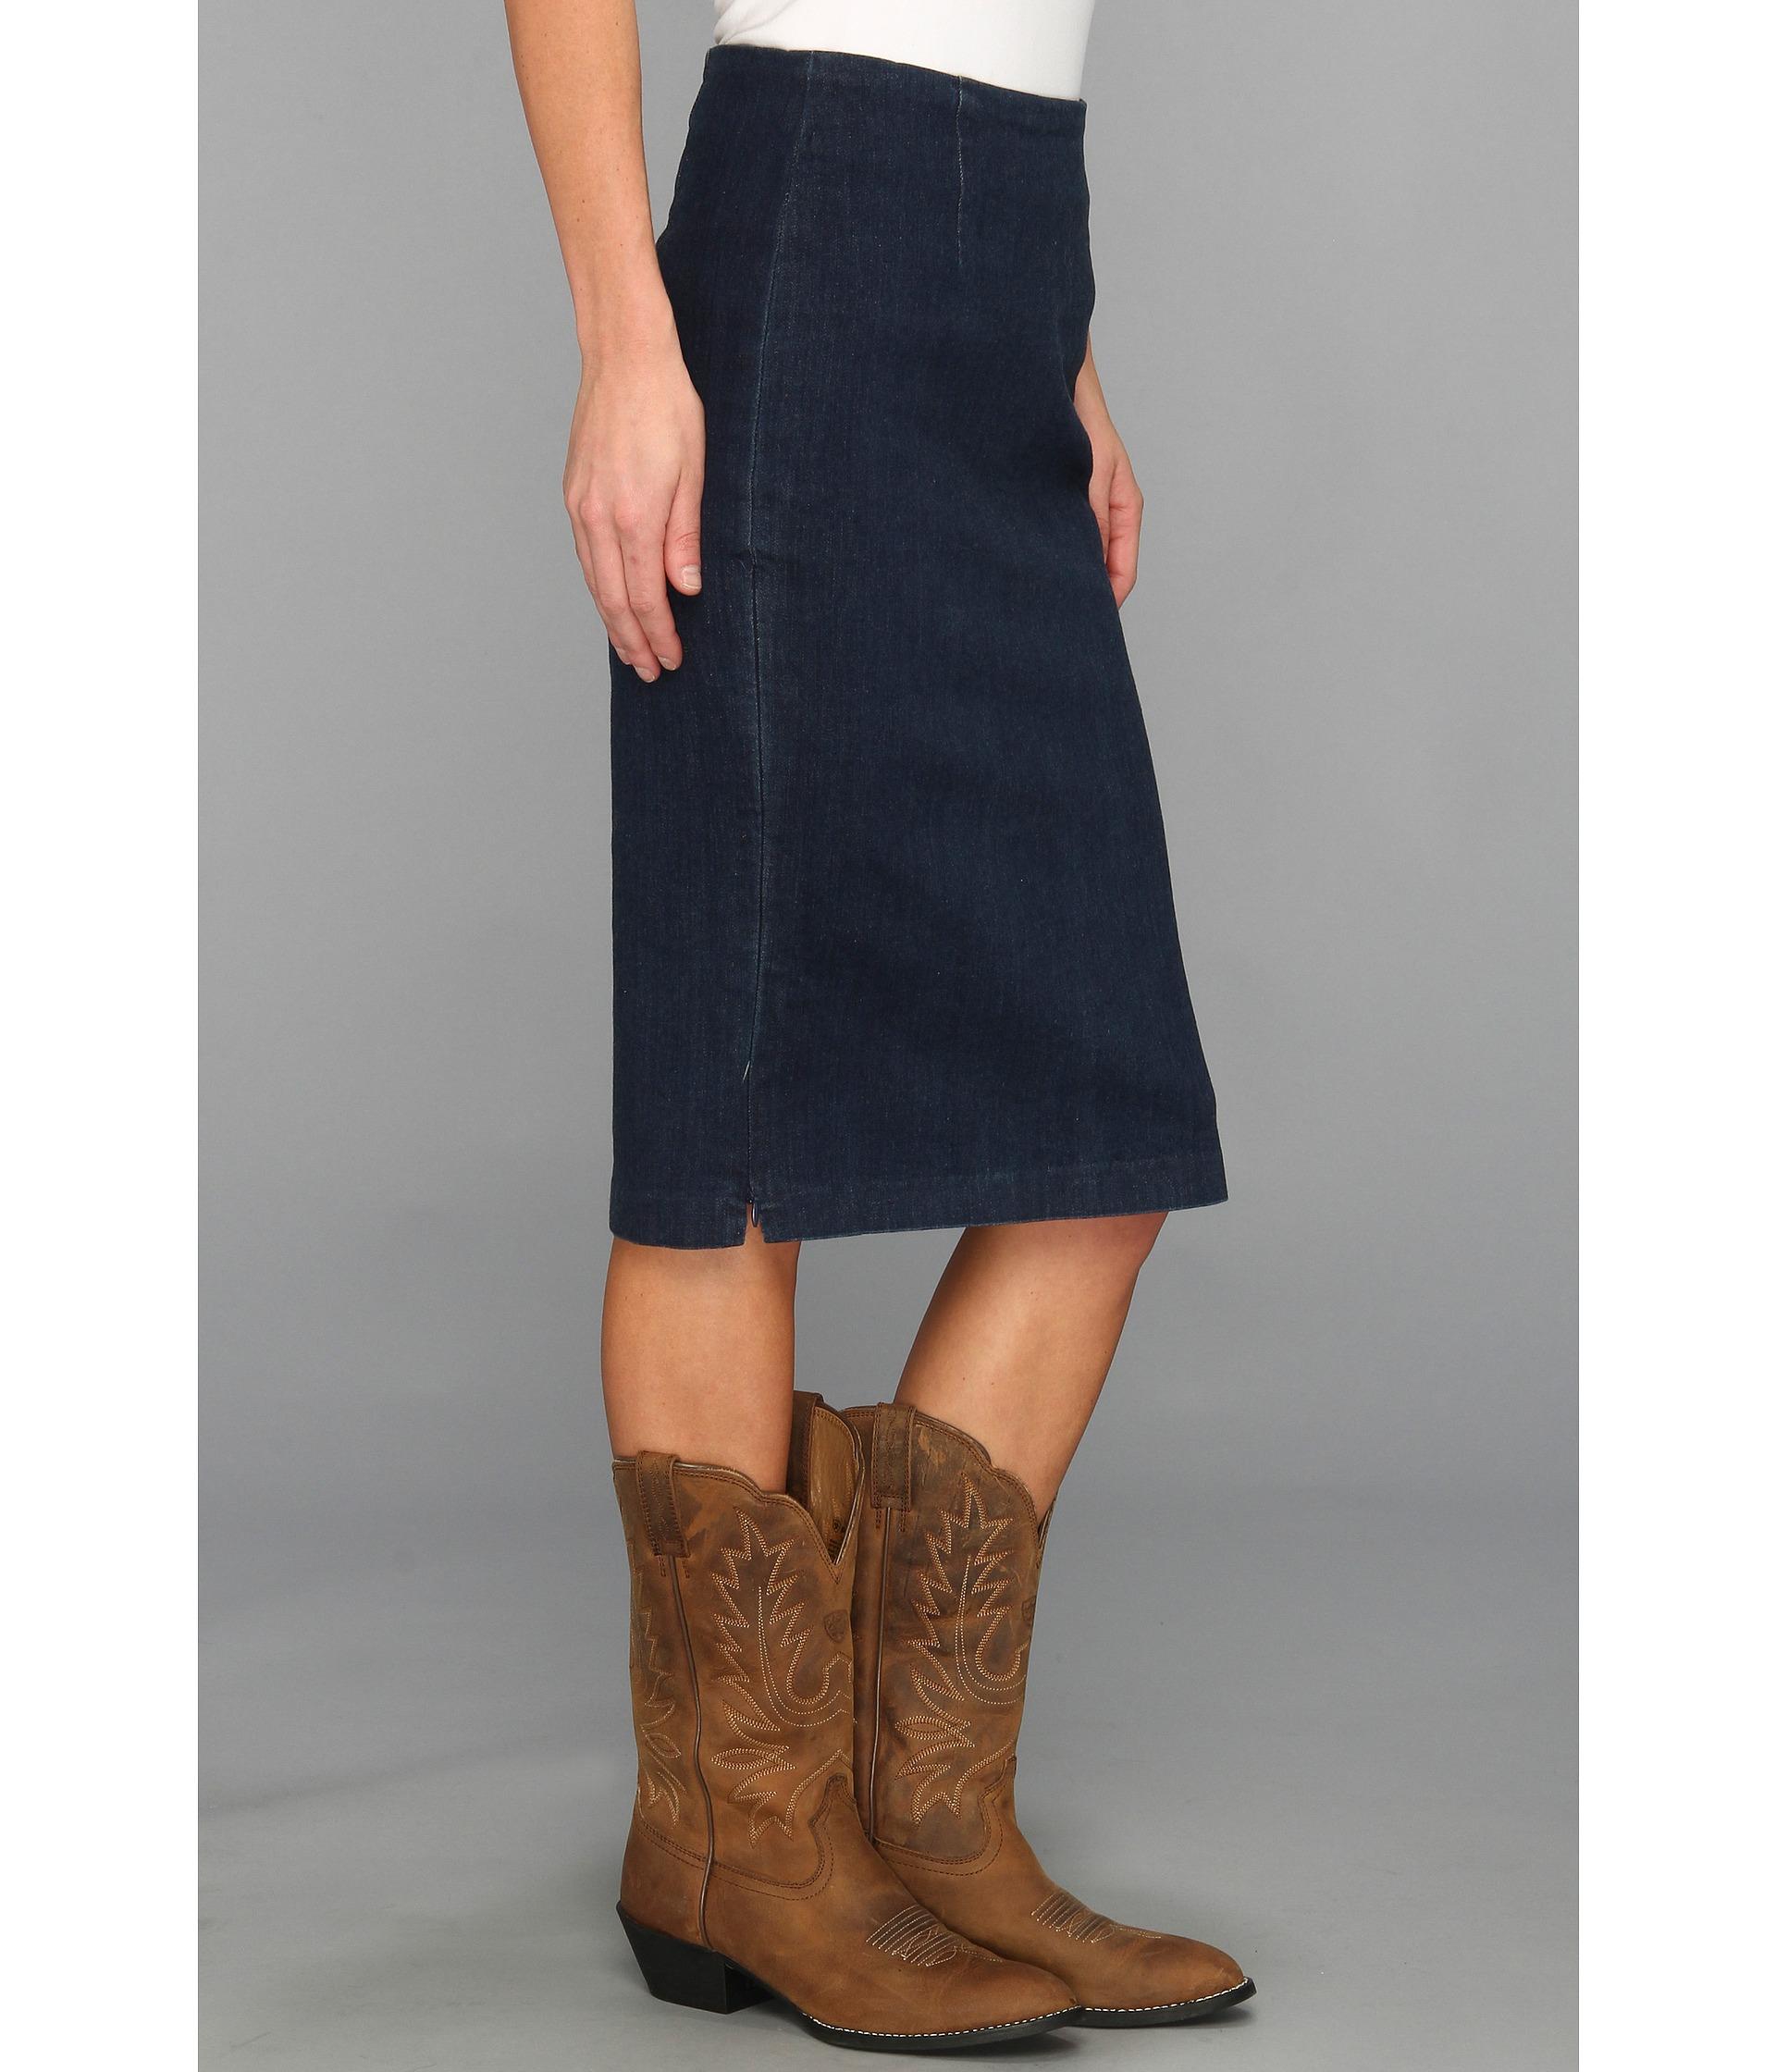 stetson 8829 stretch denim skirt clothing